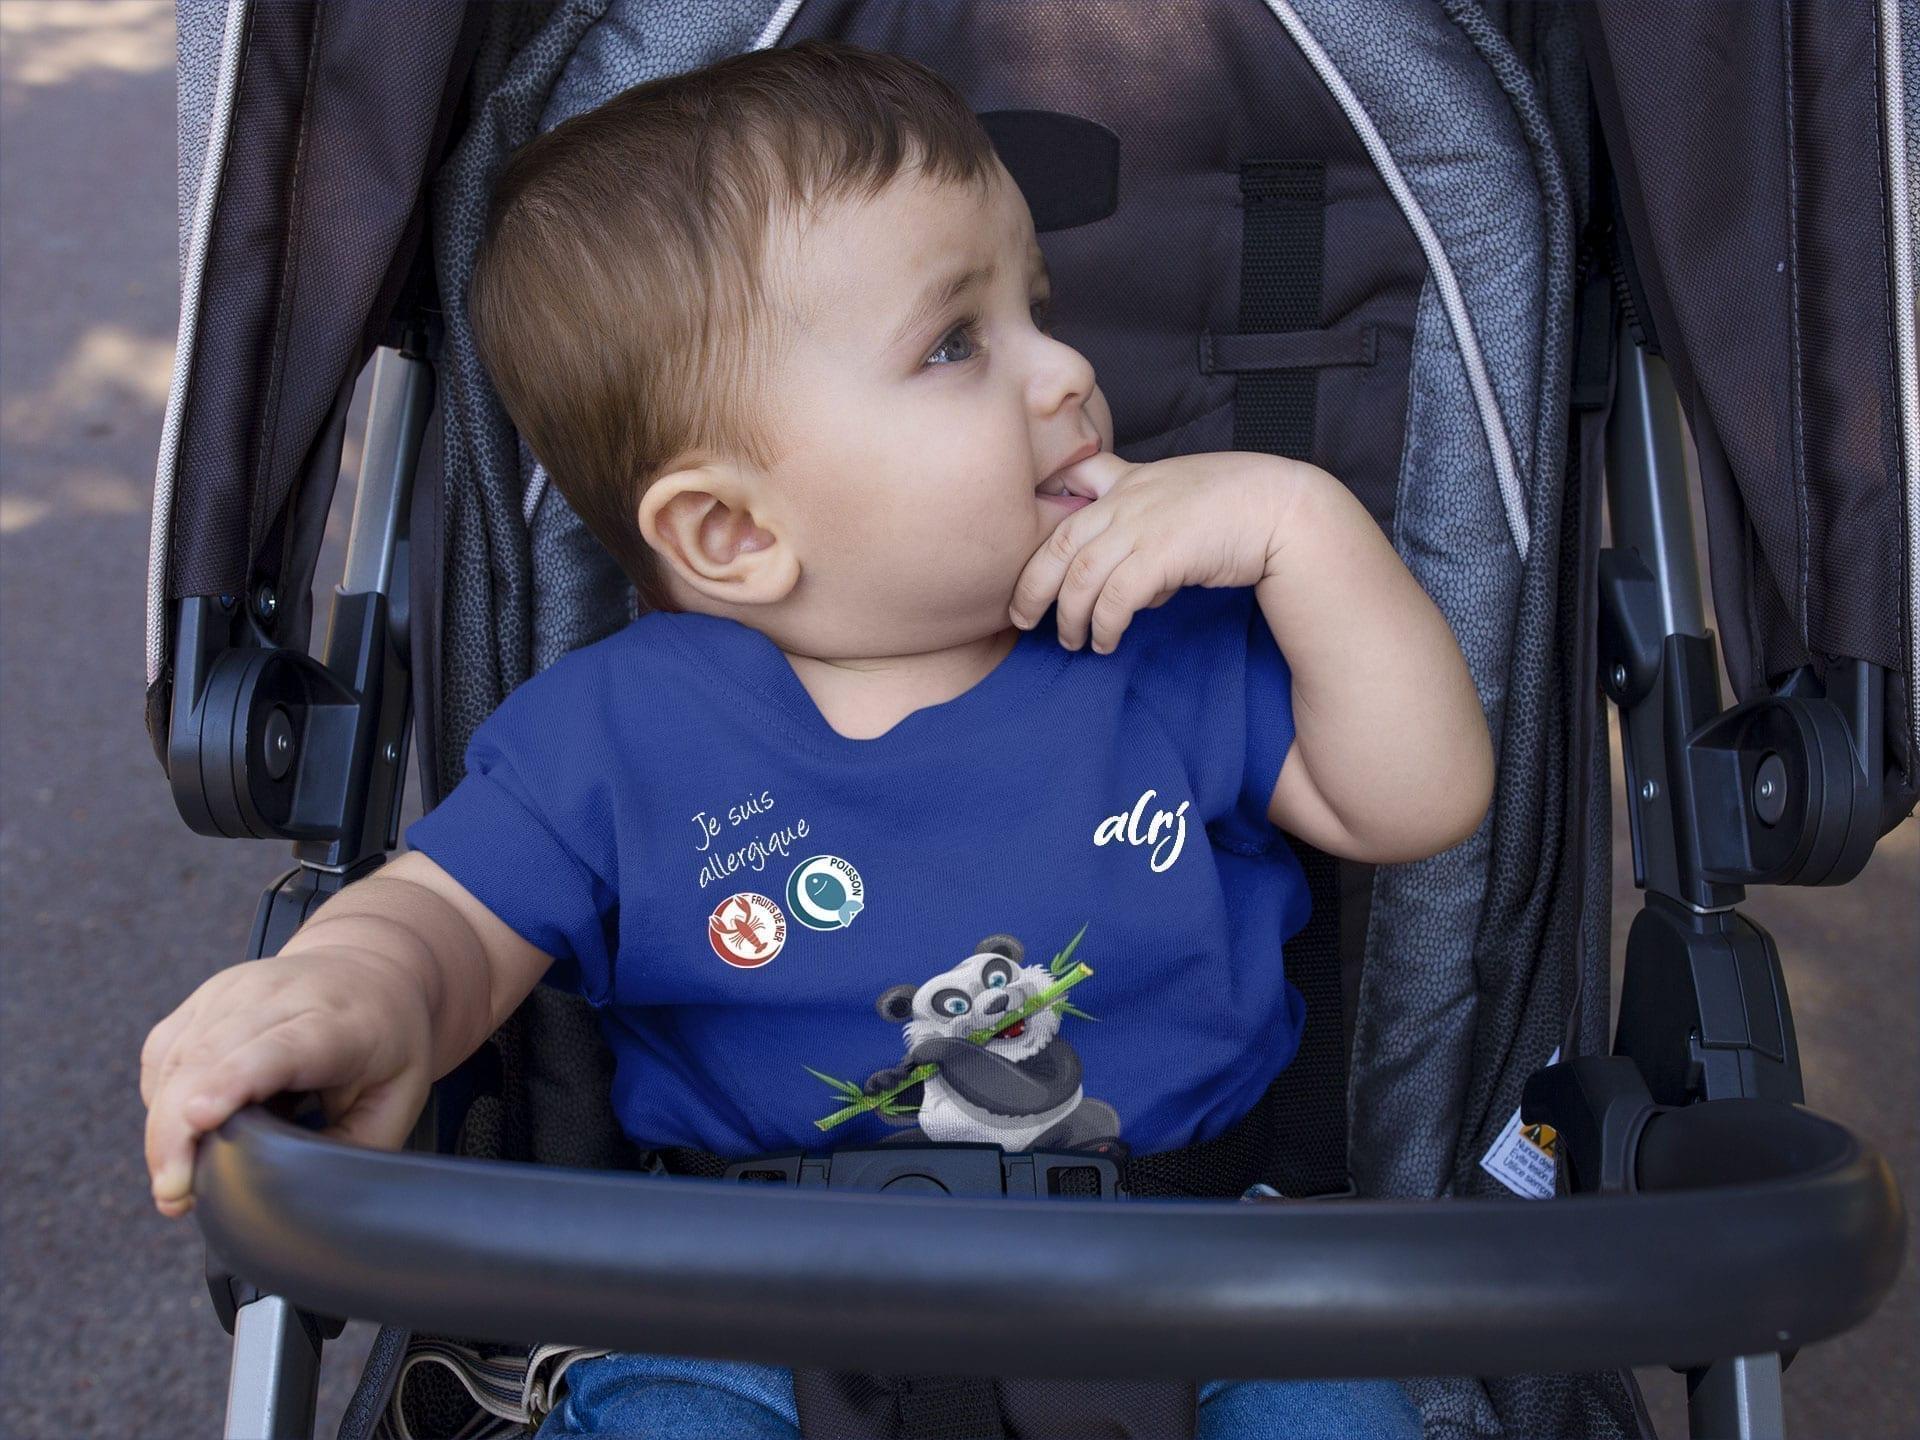 bébé-allergique-dans-sa-poussette-portant-un-t-shirt-alrj